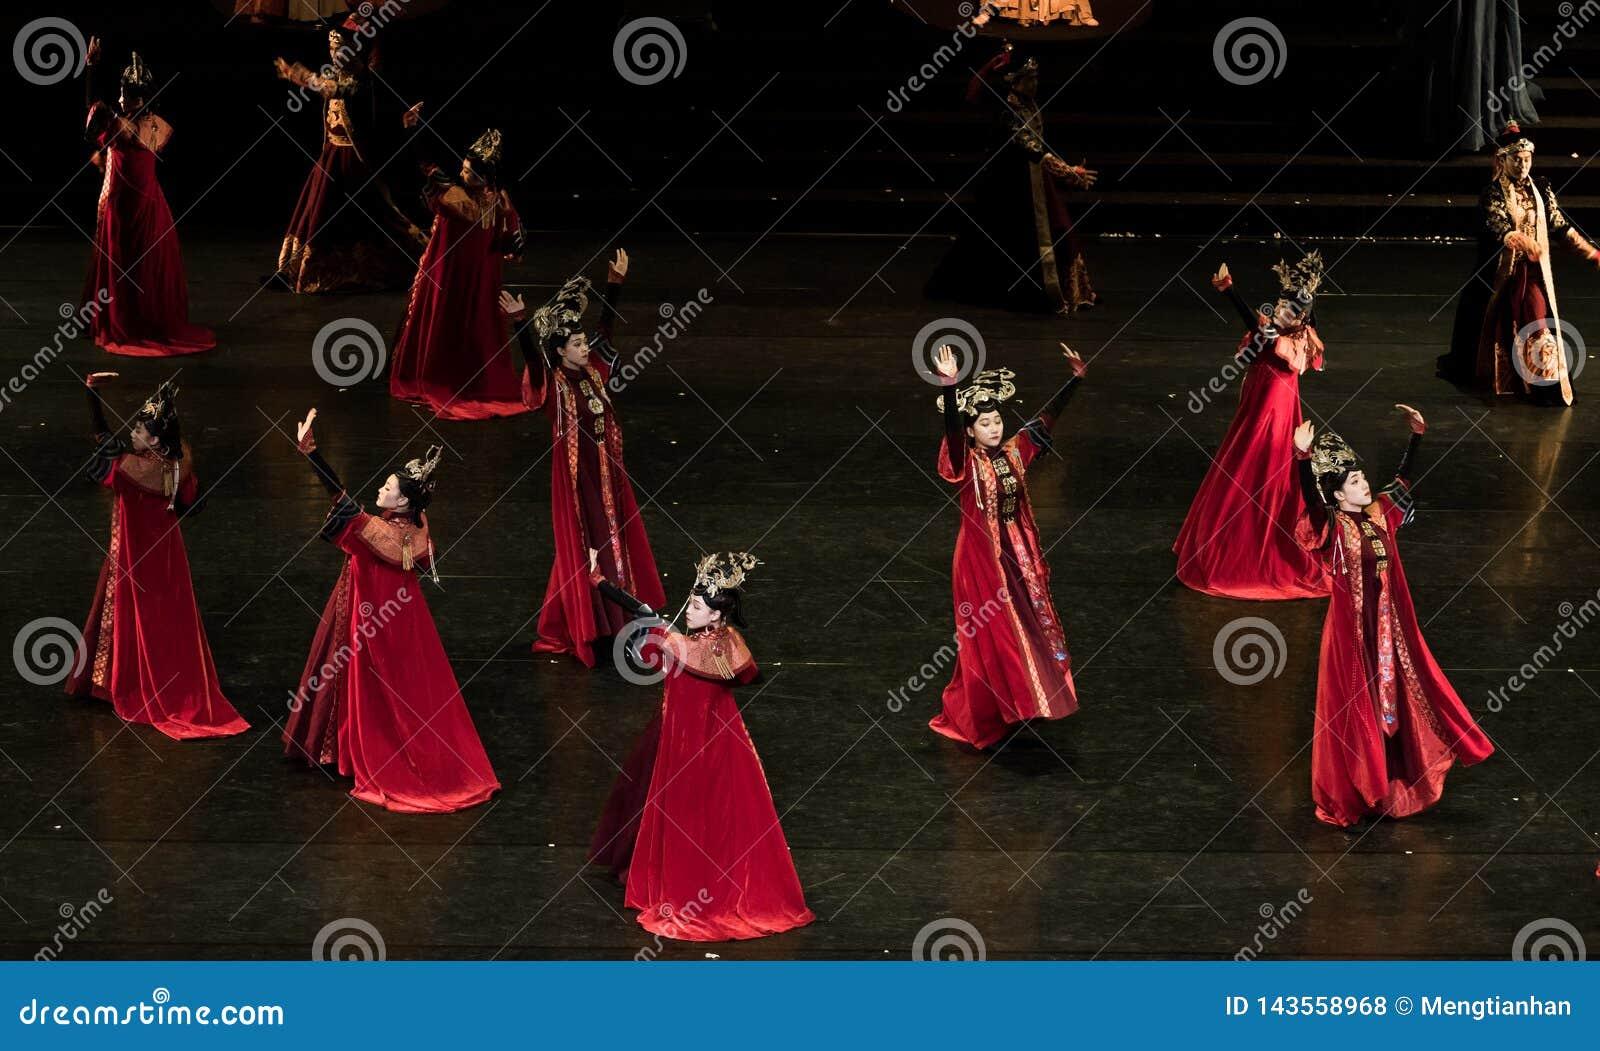 盖格舞蹈7古典宫廷舞蹈